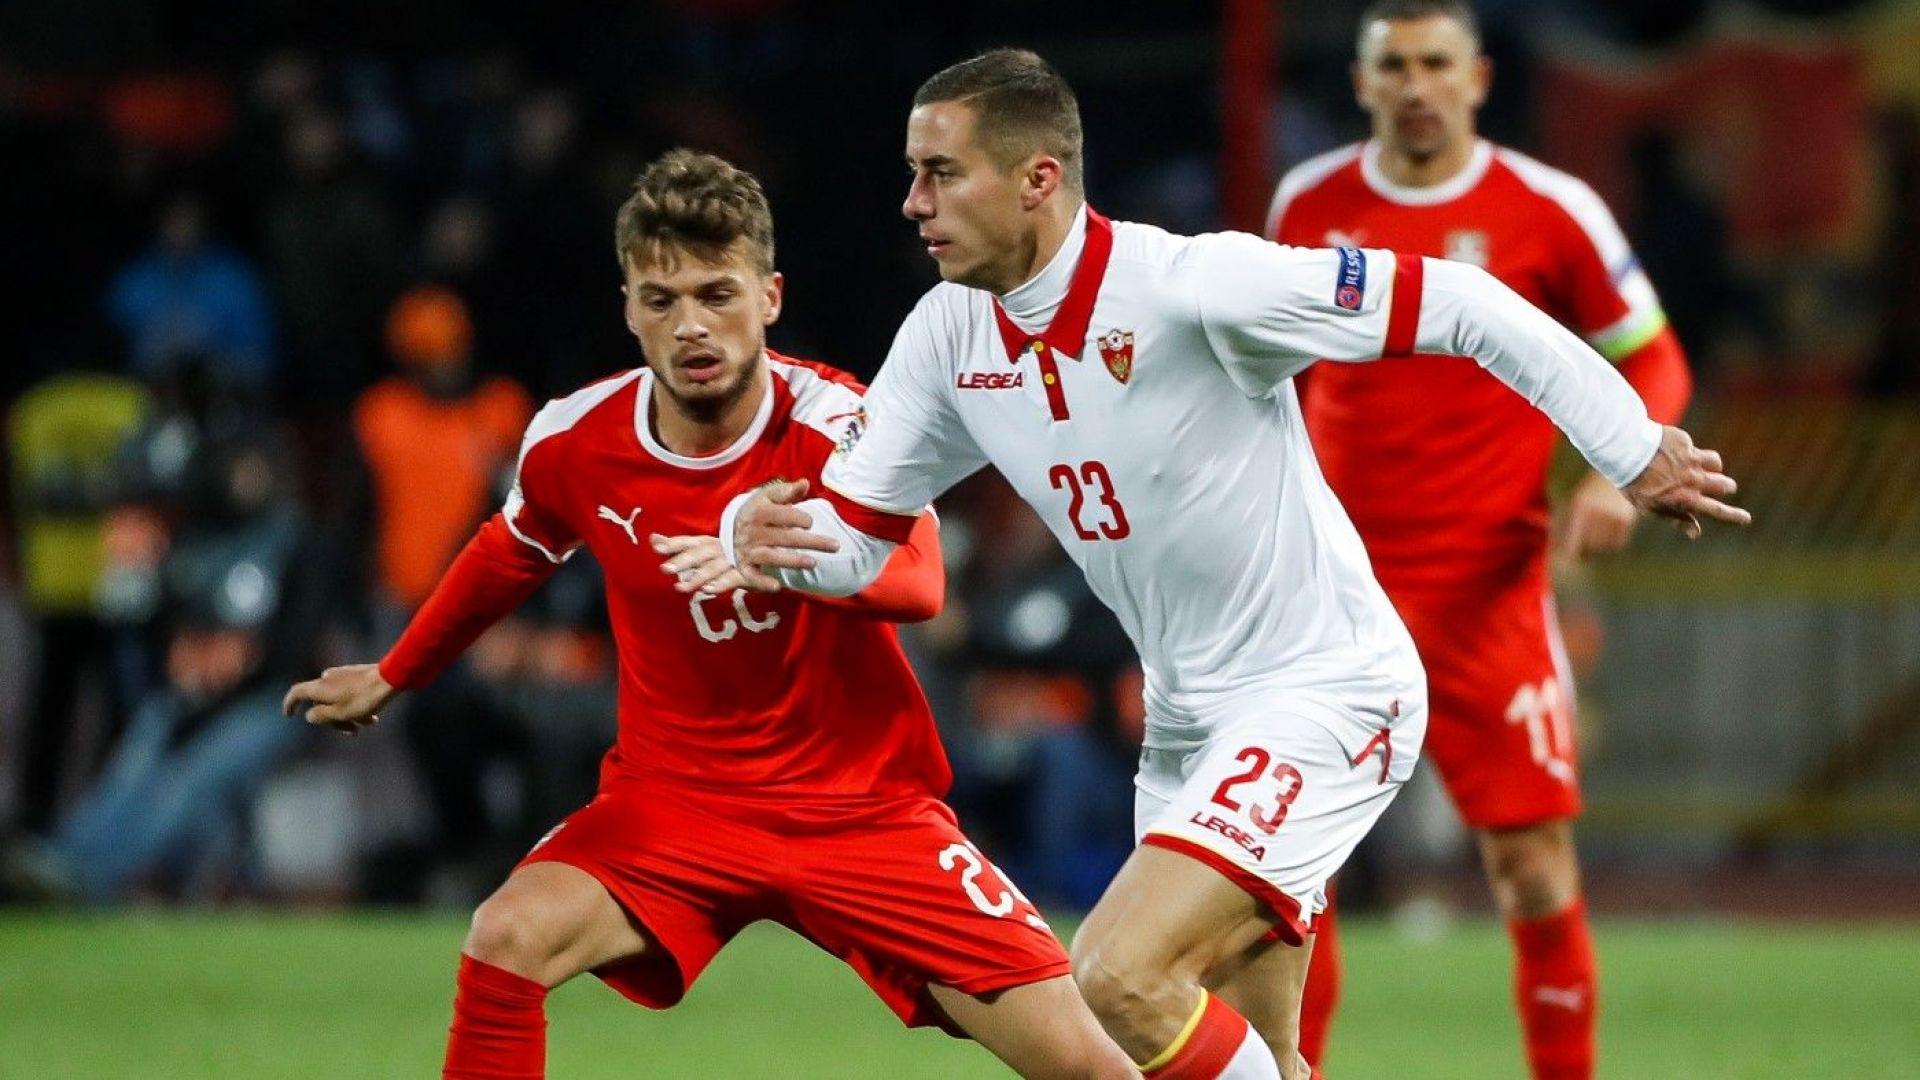 Националите влизат в Черна футболна гора, чиято история и ние сме писали